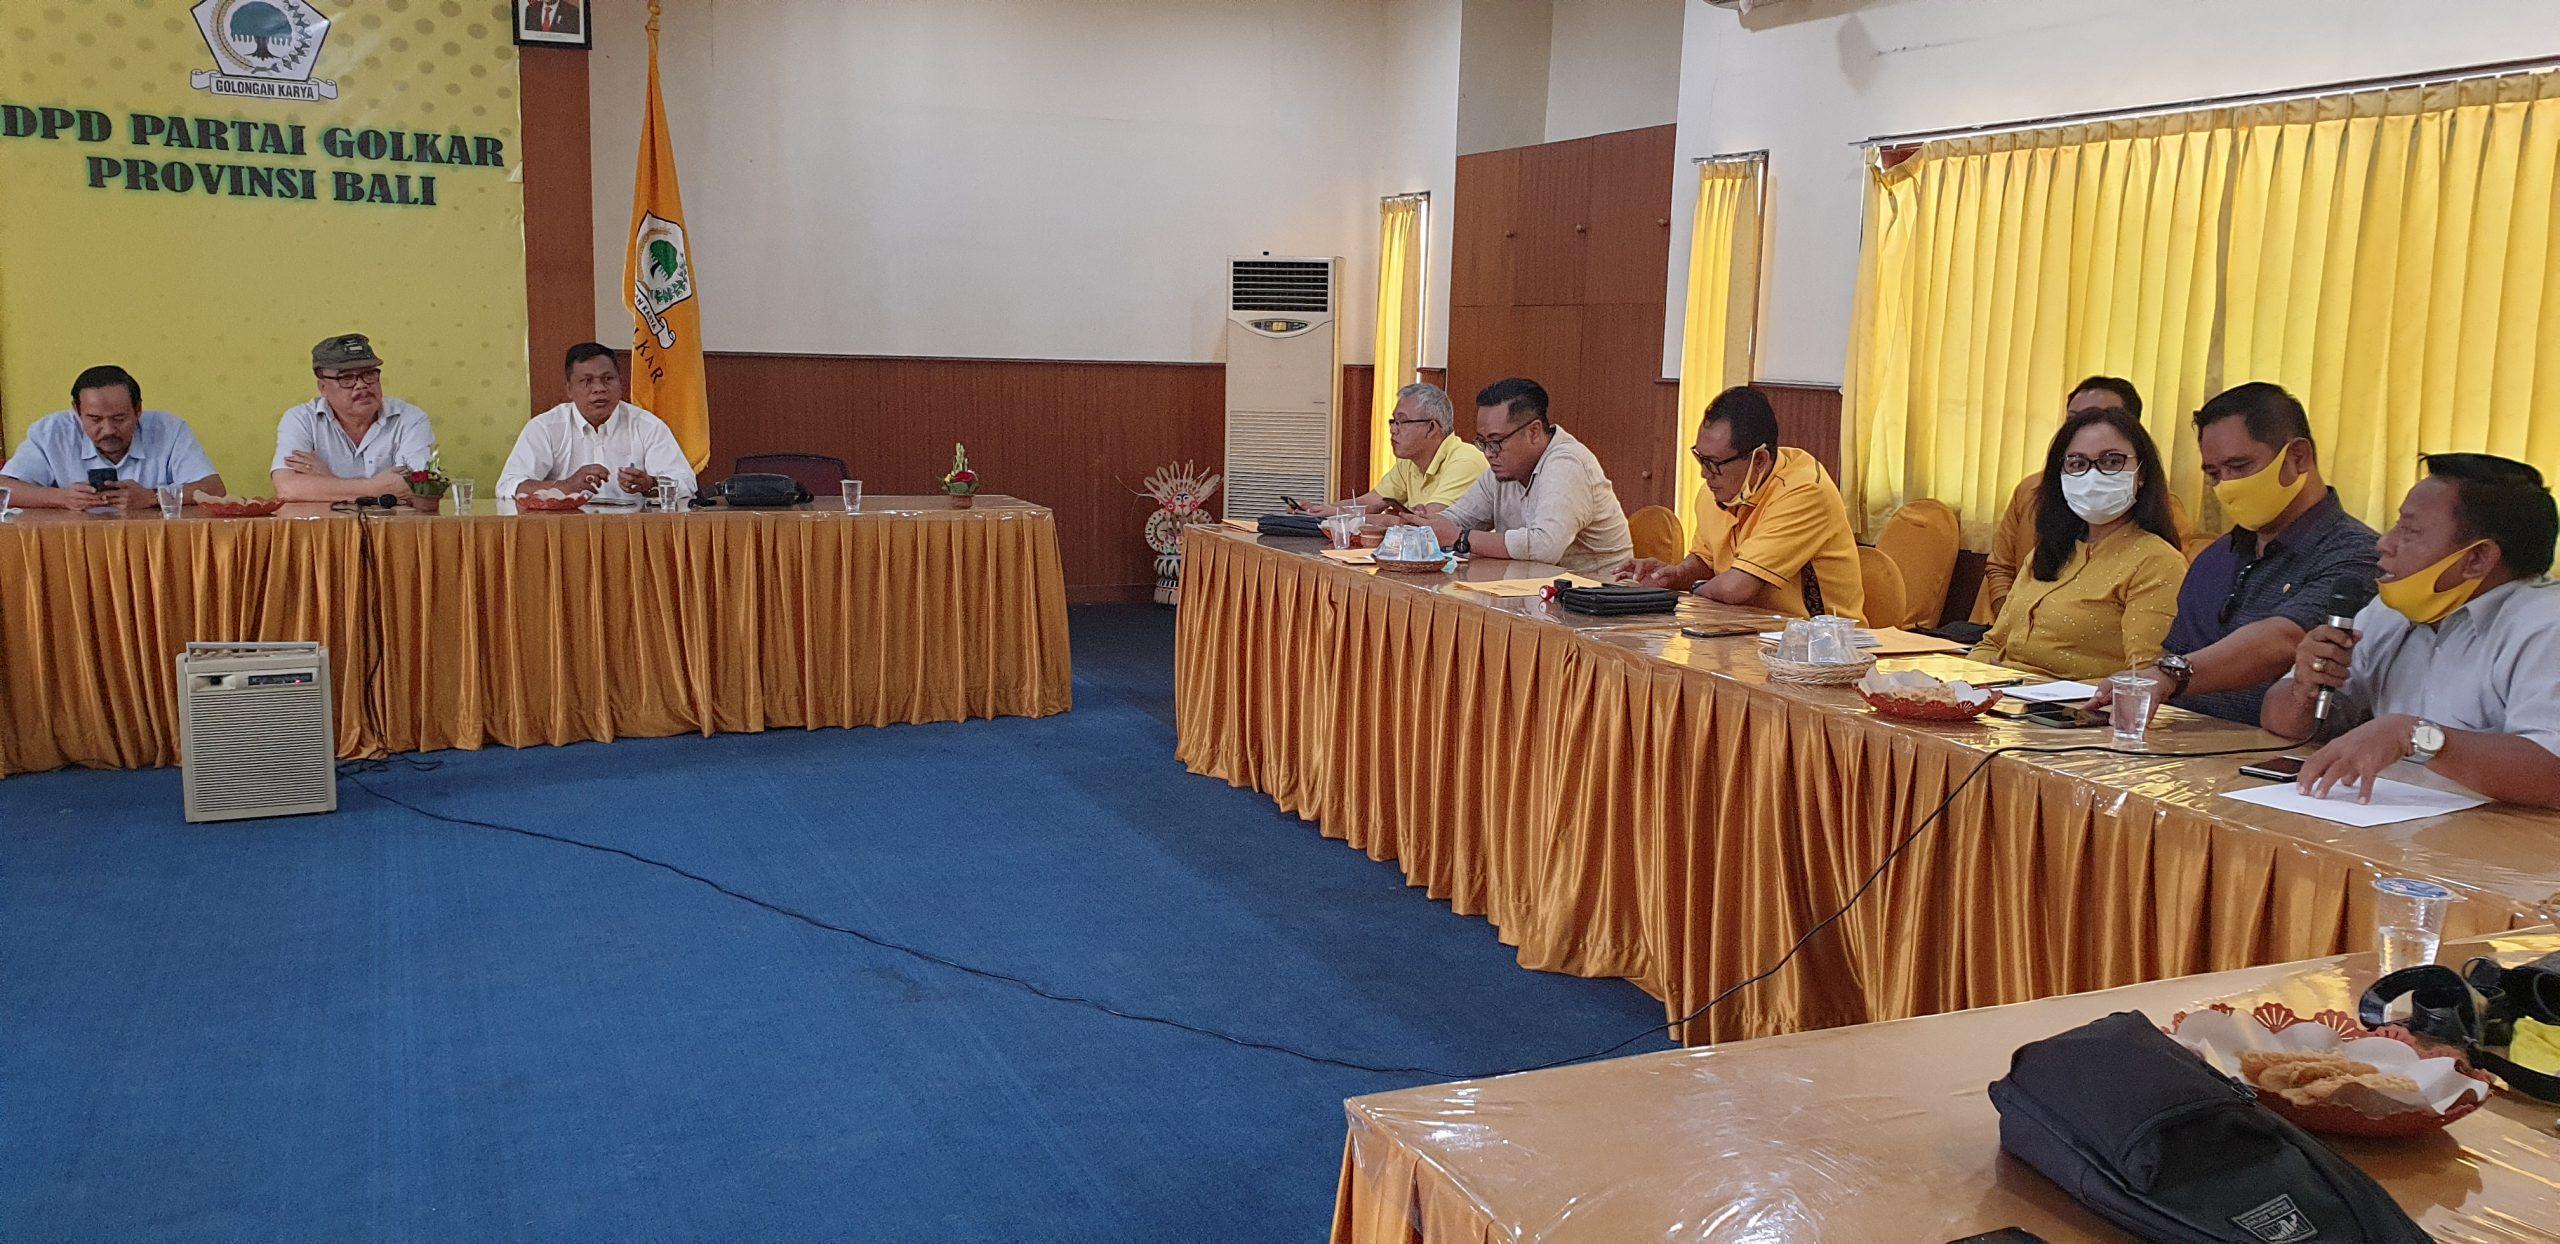 SUGAWA Korry (dua kiri) menyimak pemaparan para ketua DPD Partai Golkar yang baru usai musda saat rapat konsolidasi di DPD partai Golkar Bali, Rabu (26/8/2020). Foto: gus hendra